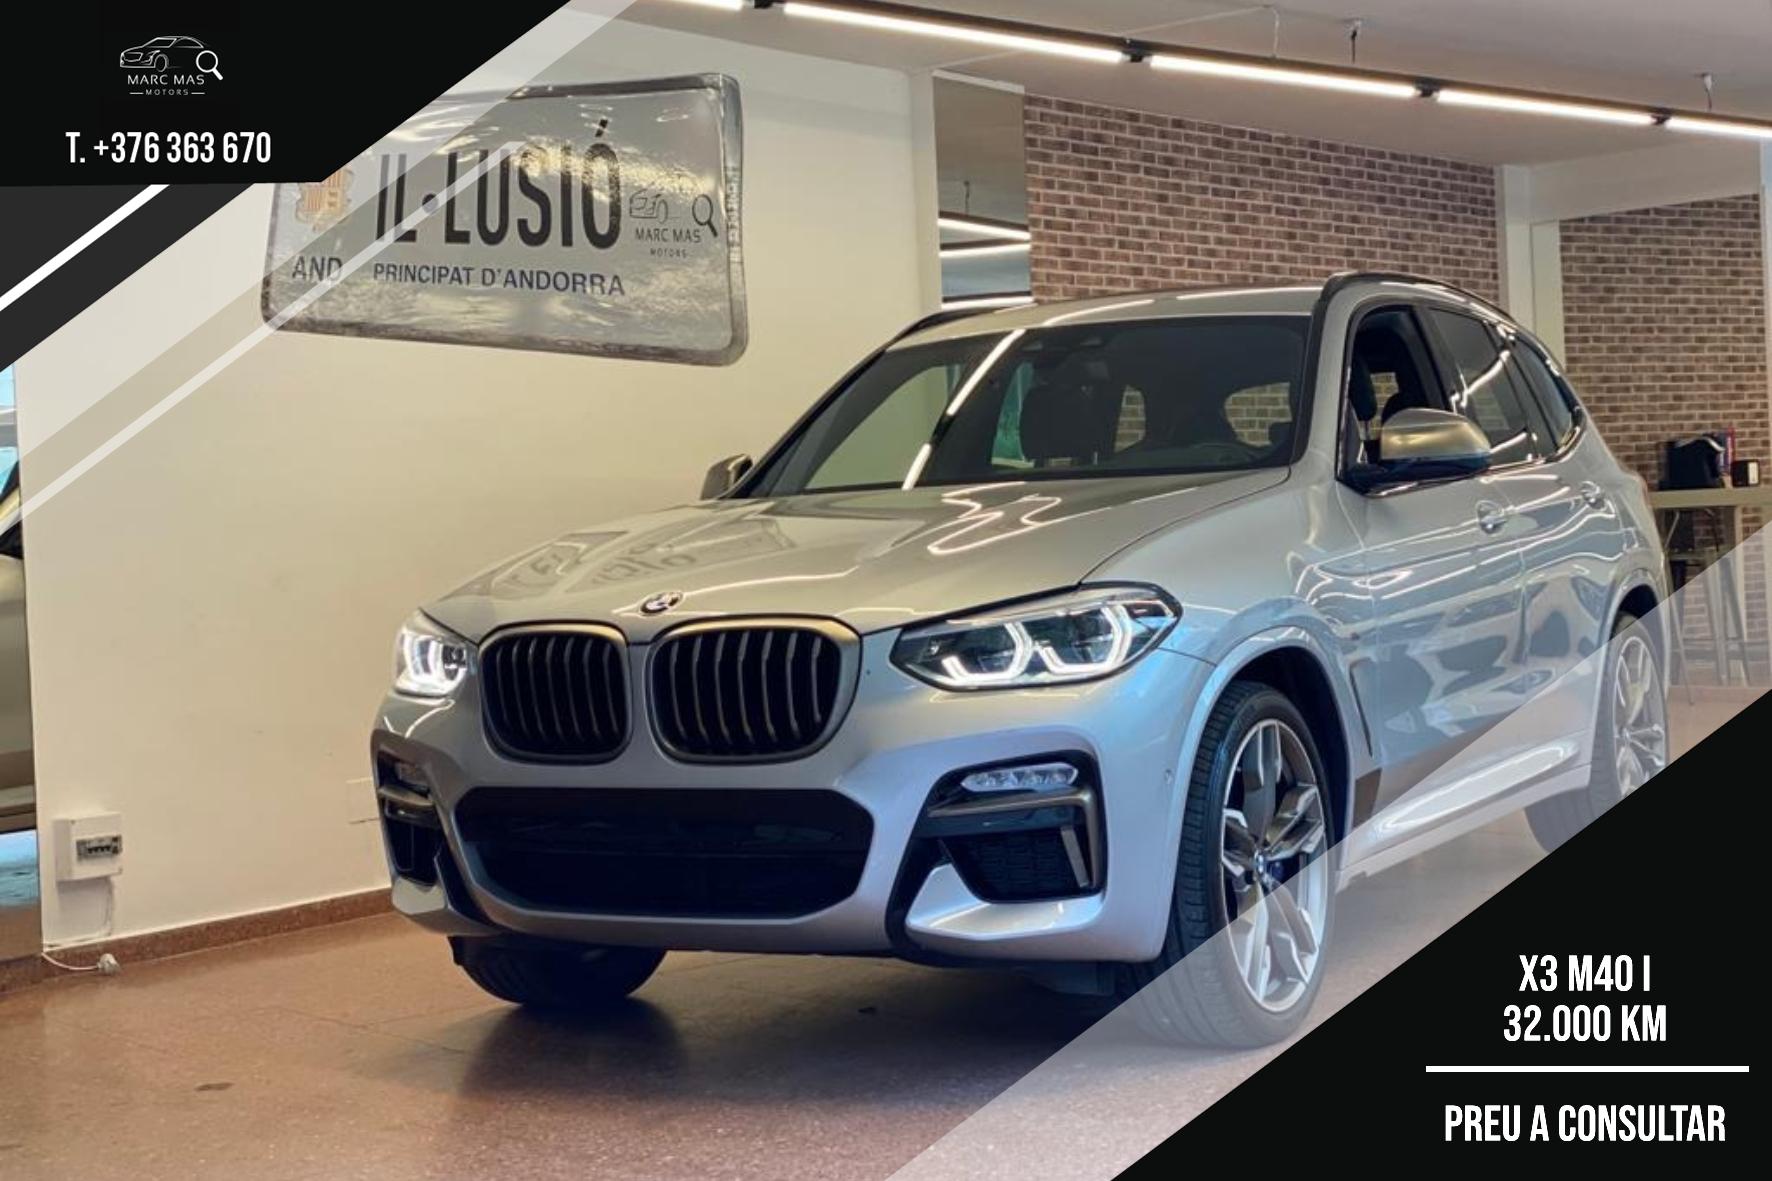 BMW - X3 - X3 M40 I X3 M40 I Benzina  2018  32.000 Km